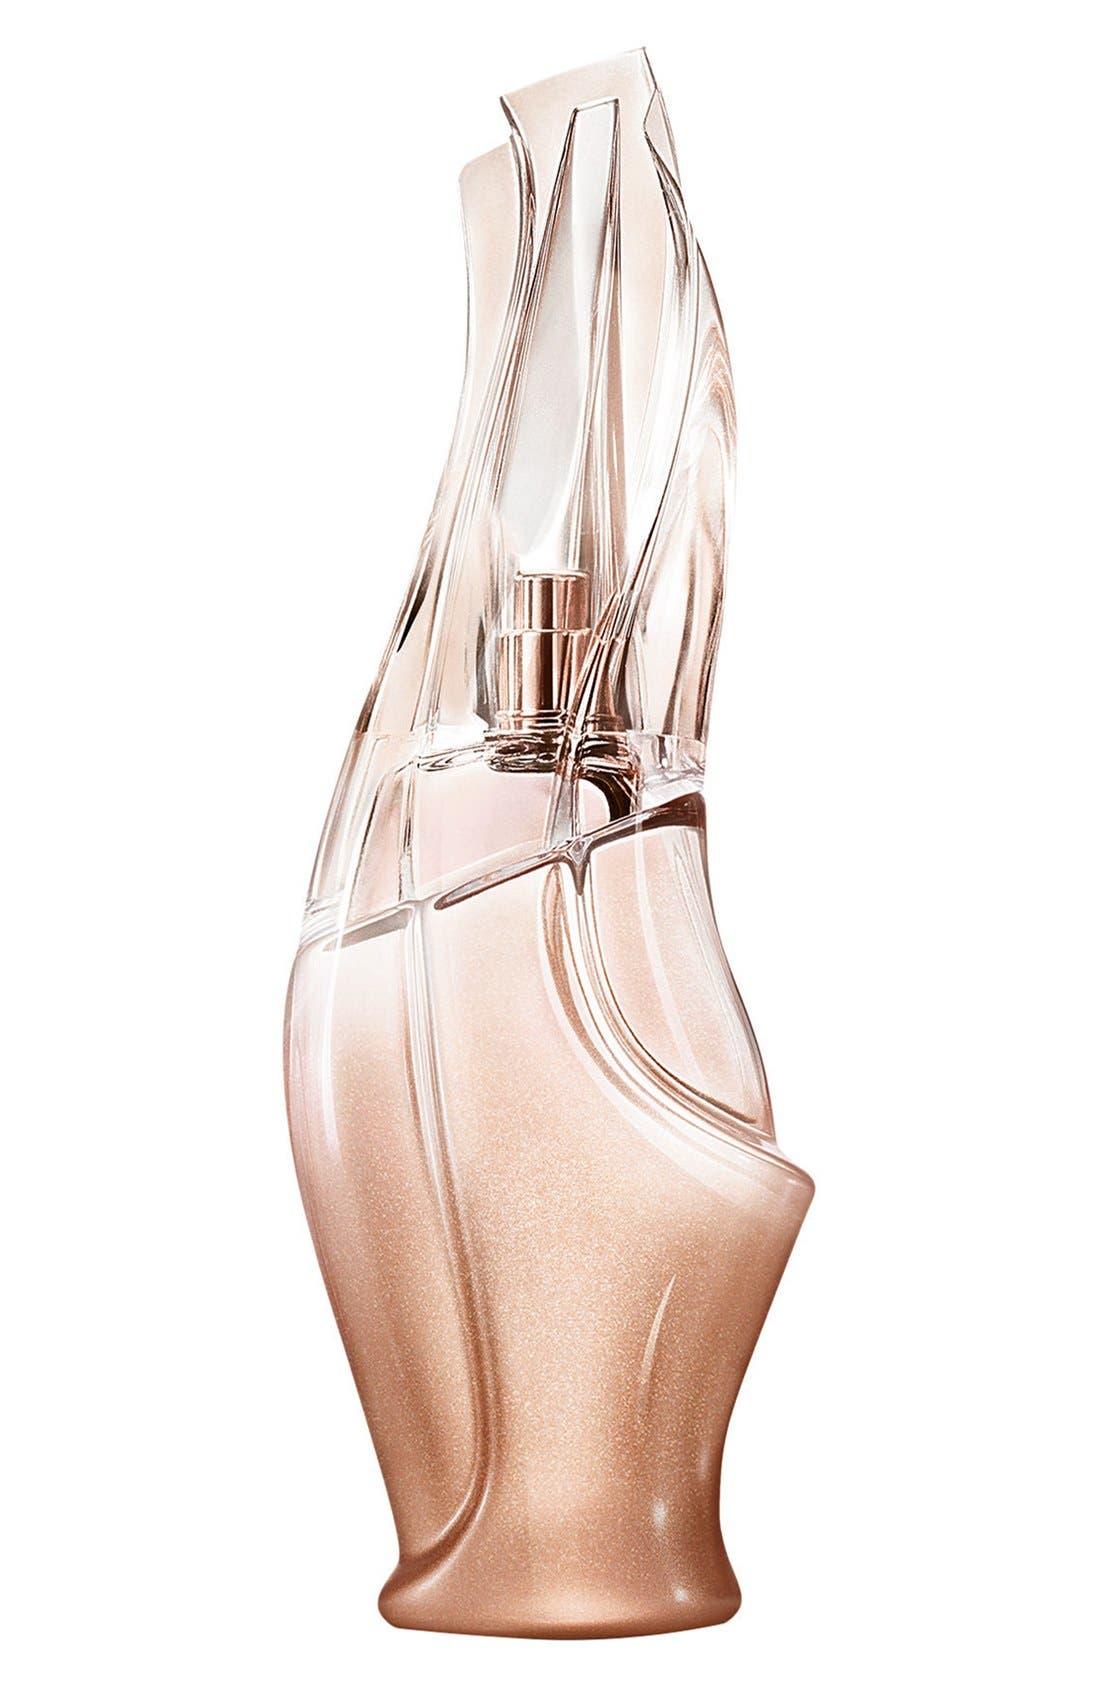 Donna Karan 'Cashmere Aura' Eau de Parfum,                             Main thumbnail 1, color,                             000